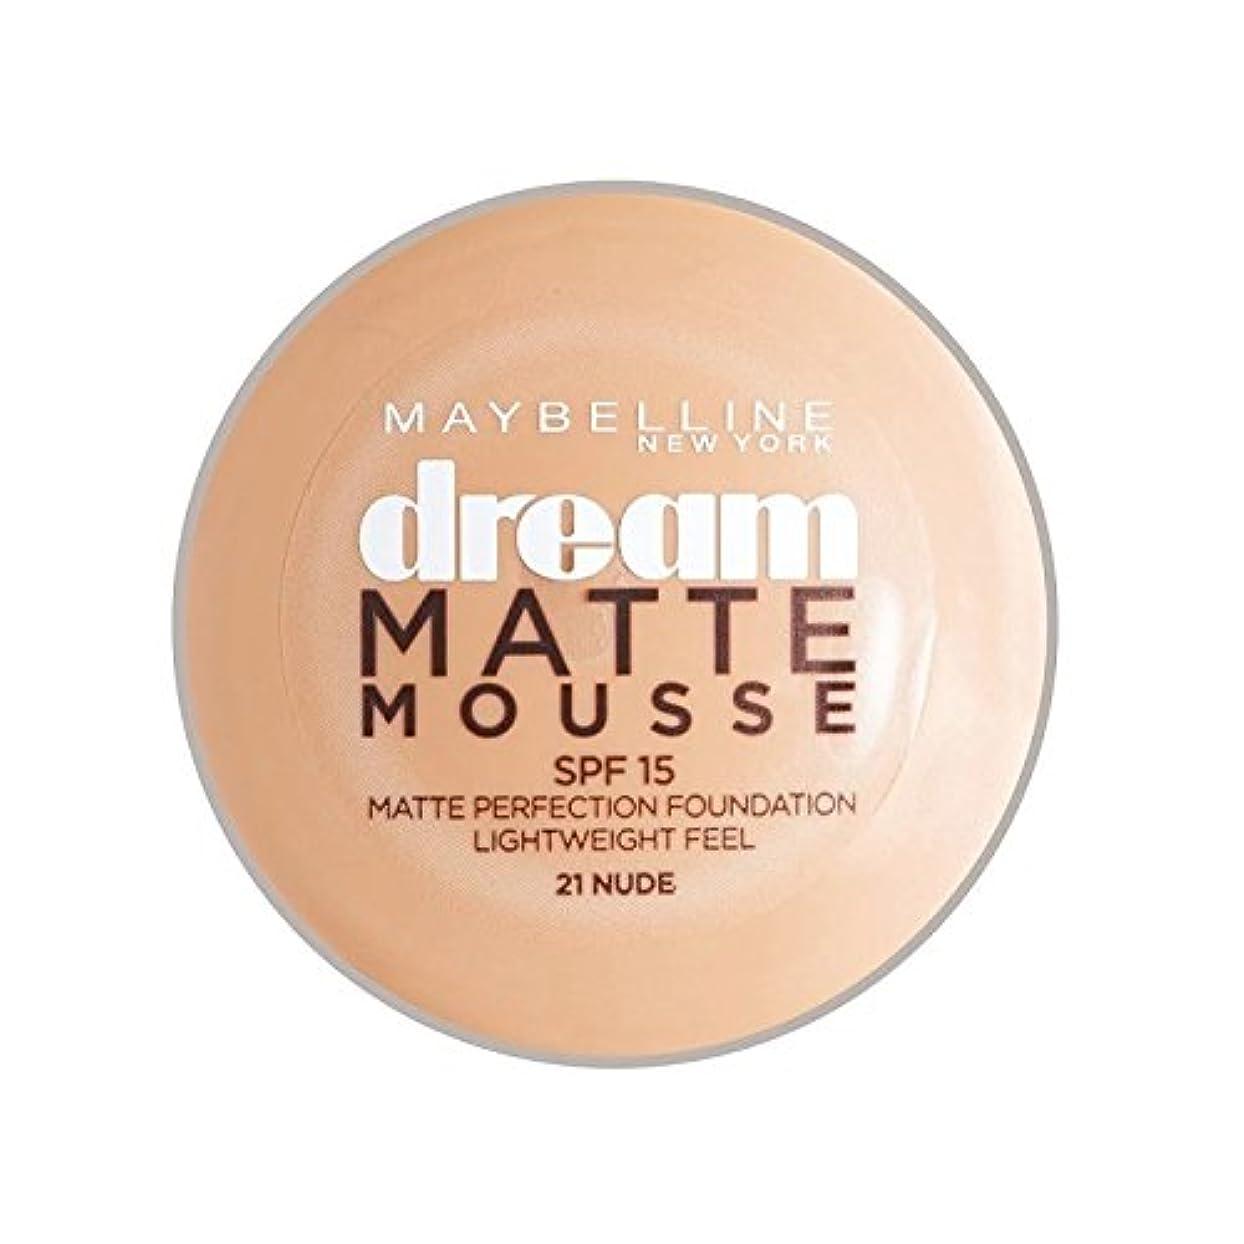 鎮静剤適合引き受けるMaybelline Dream Matte Mousse Foundation 21 Nude 10ml - メイベリン夢マットムース土台21ヌード10ミリリットル [並行輸入品]